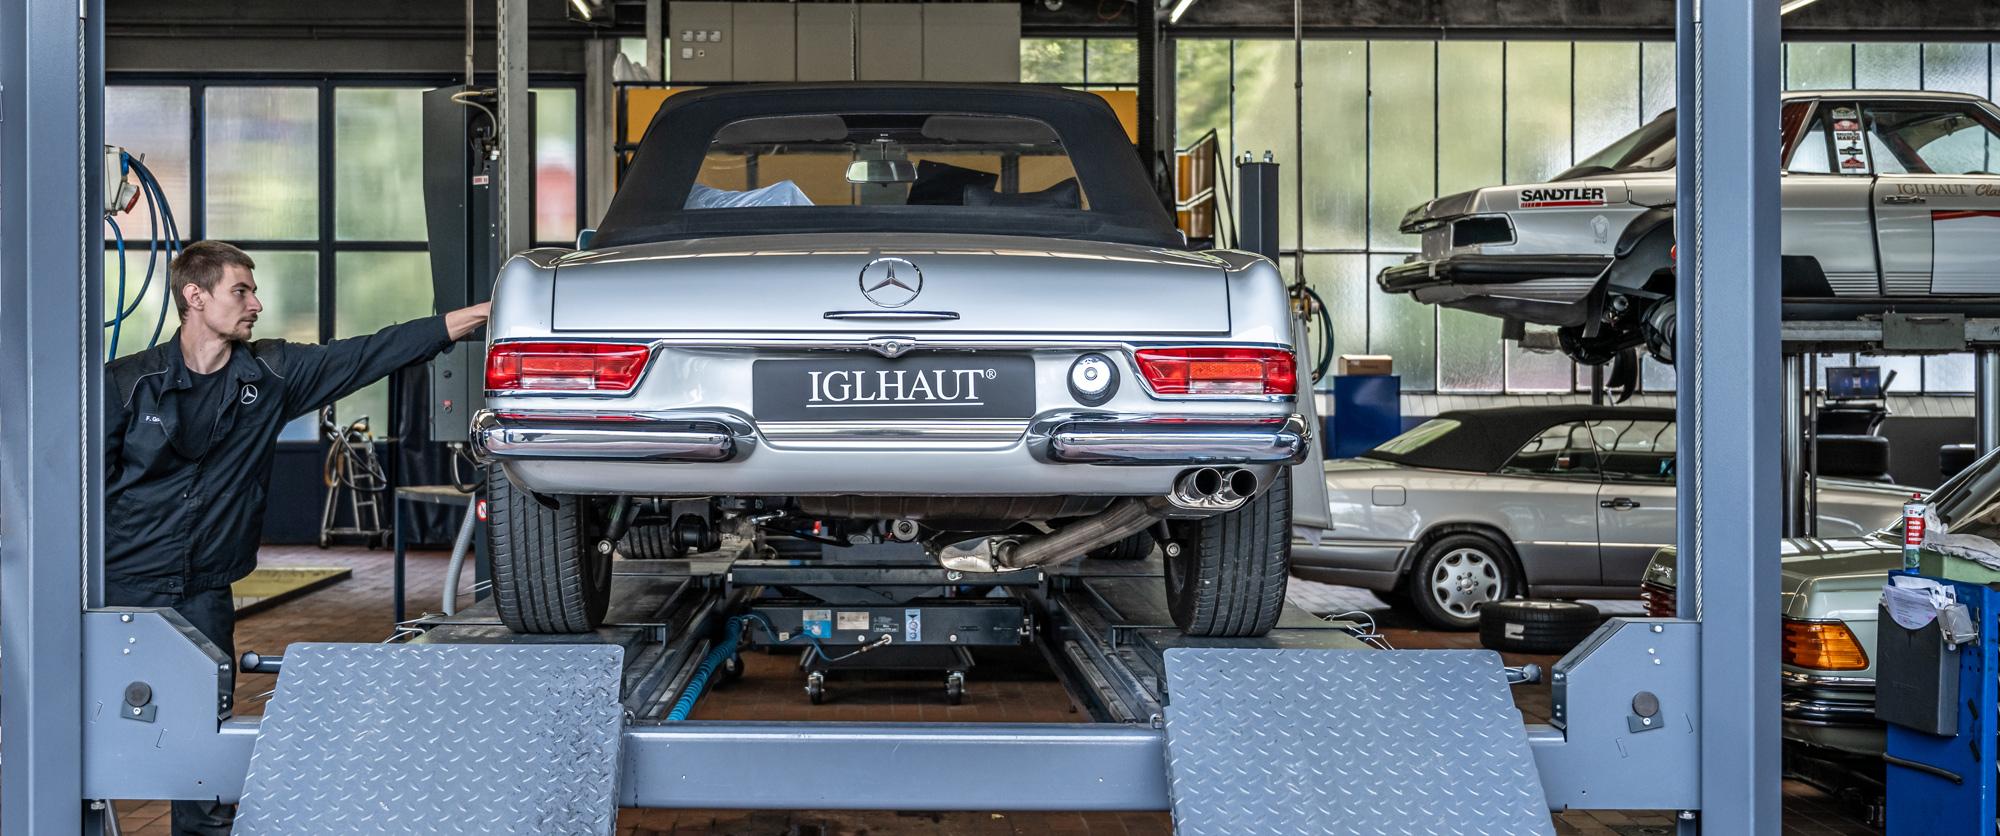 Iglhaut Historie Mercedes Benz